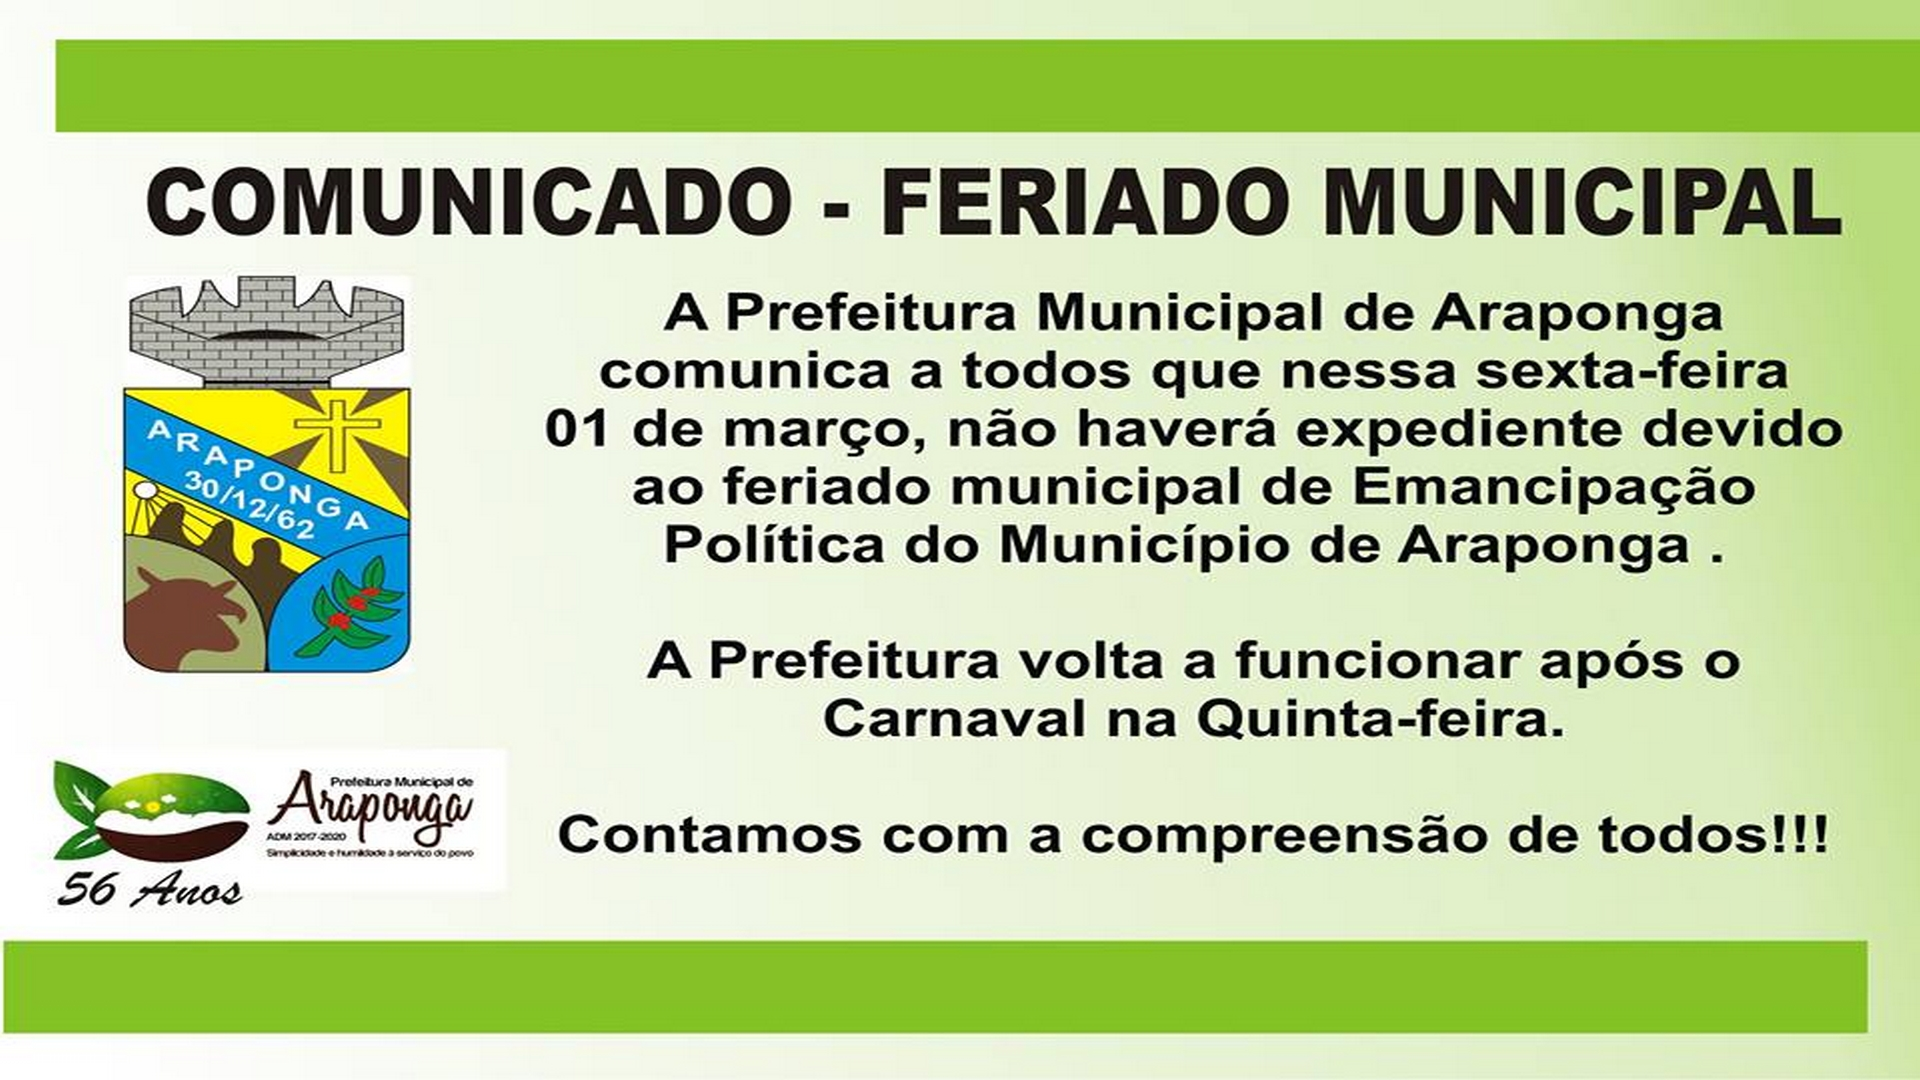 PREFEITURA COMUNICA FERIADO MUNICIPAL !!!